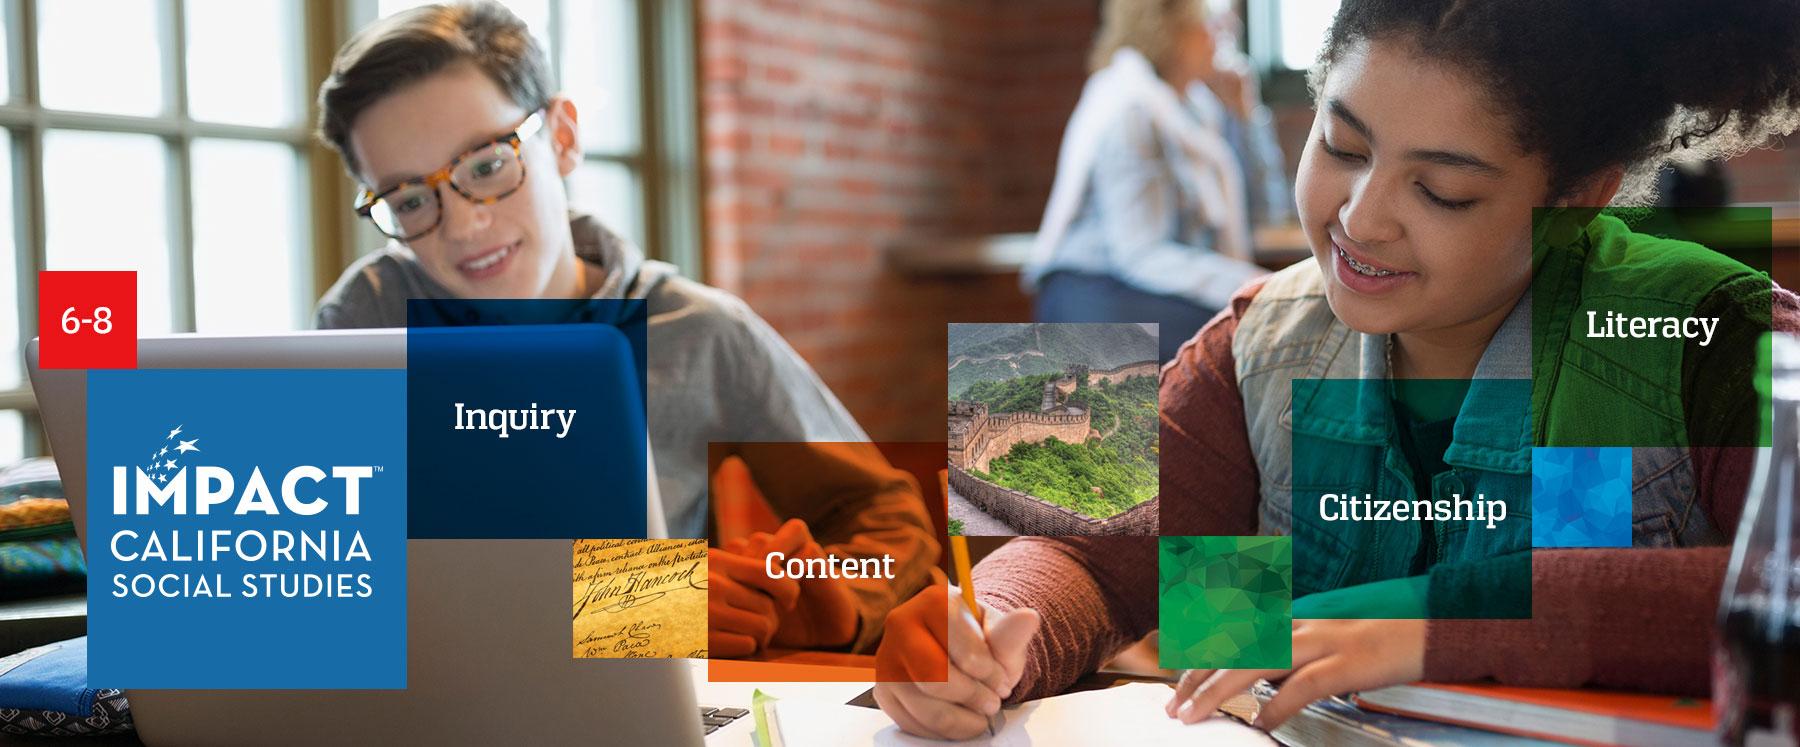 Social Studies Slide 3